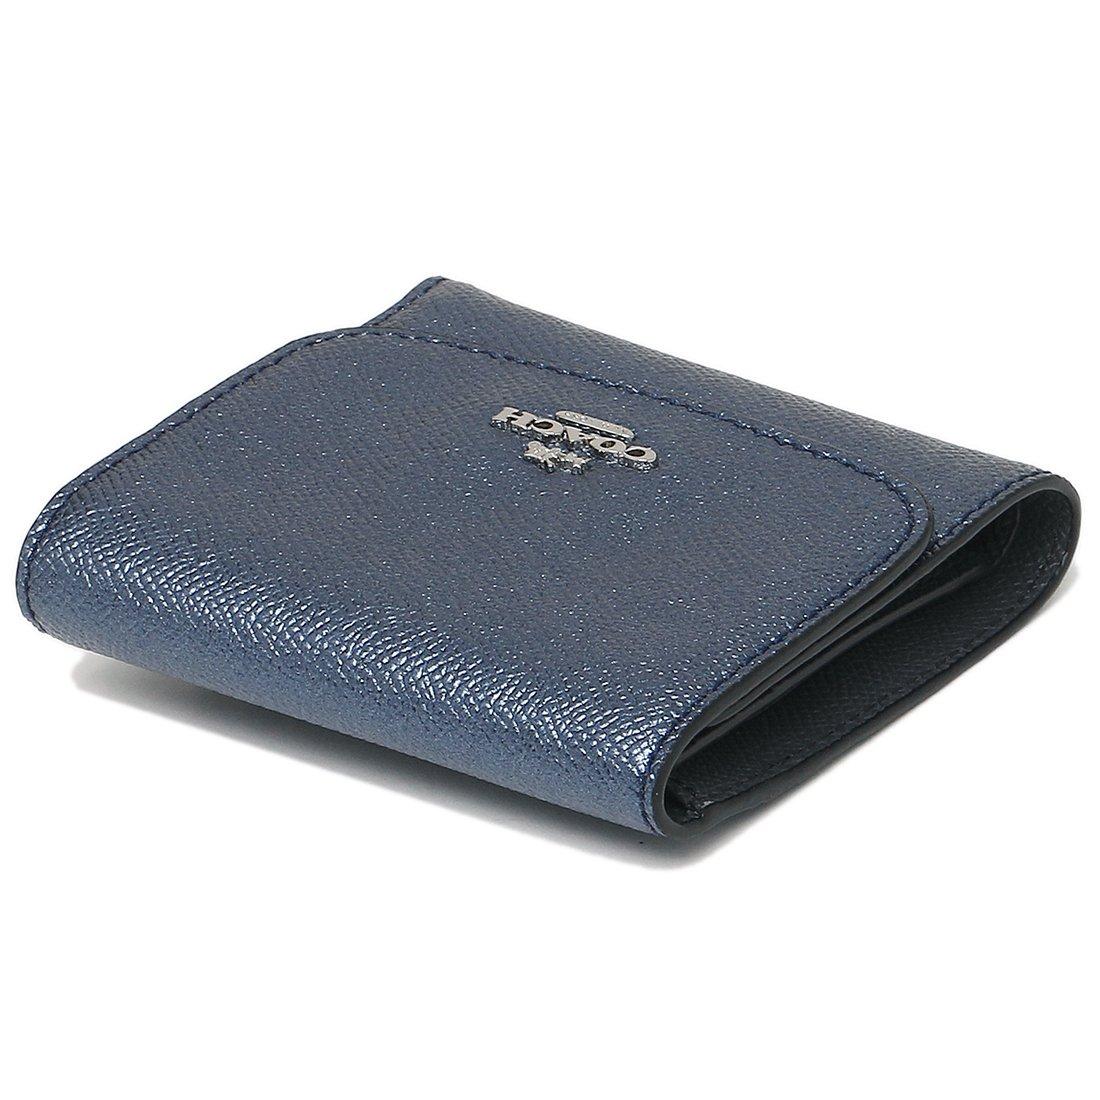 d0dbbee91fa7 Amazon   (コーチ) 財布 アウトレット COACH F21069 SVLBI レディース 二つ折り財布 メタリックネイビー [並行輸入品]    COACH(コーチ)   財布